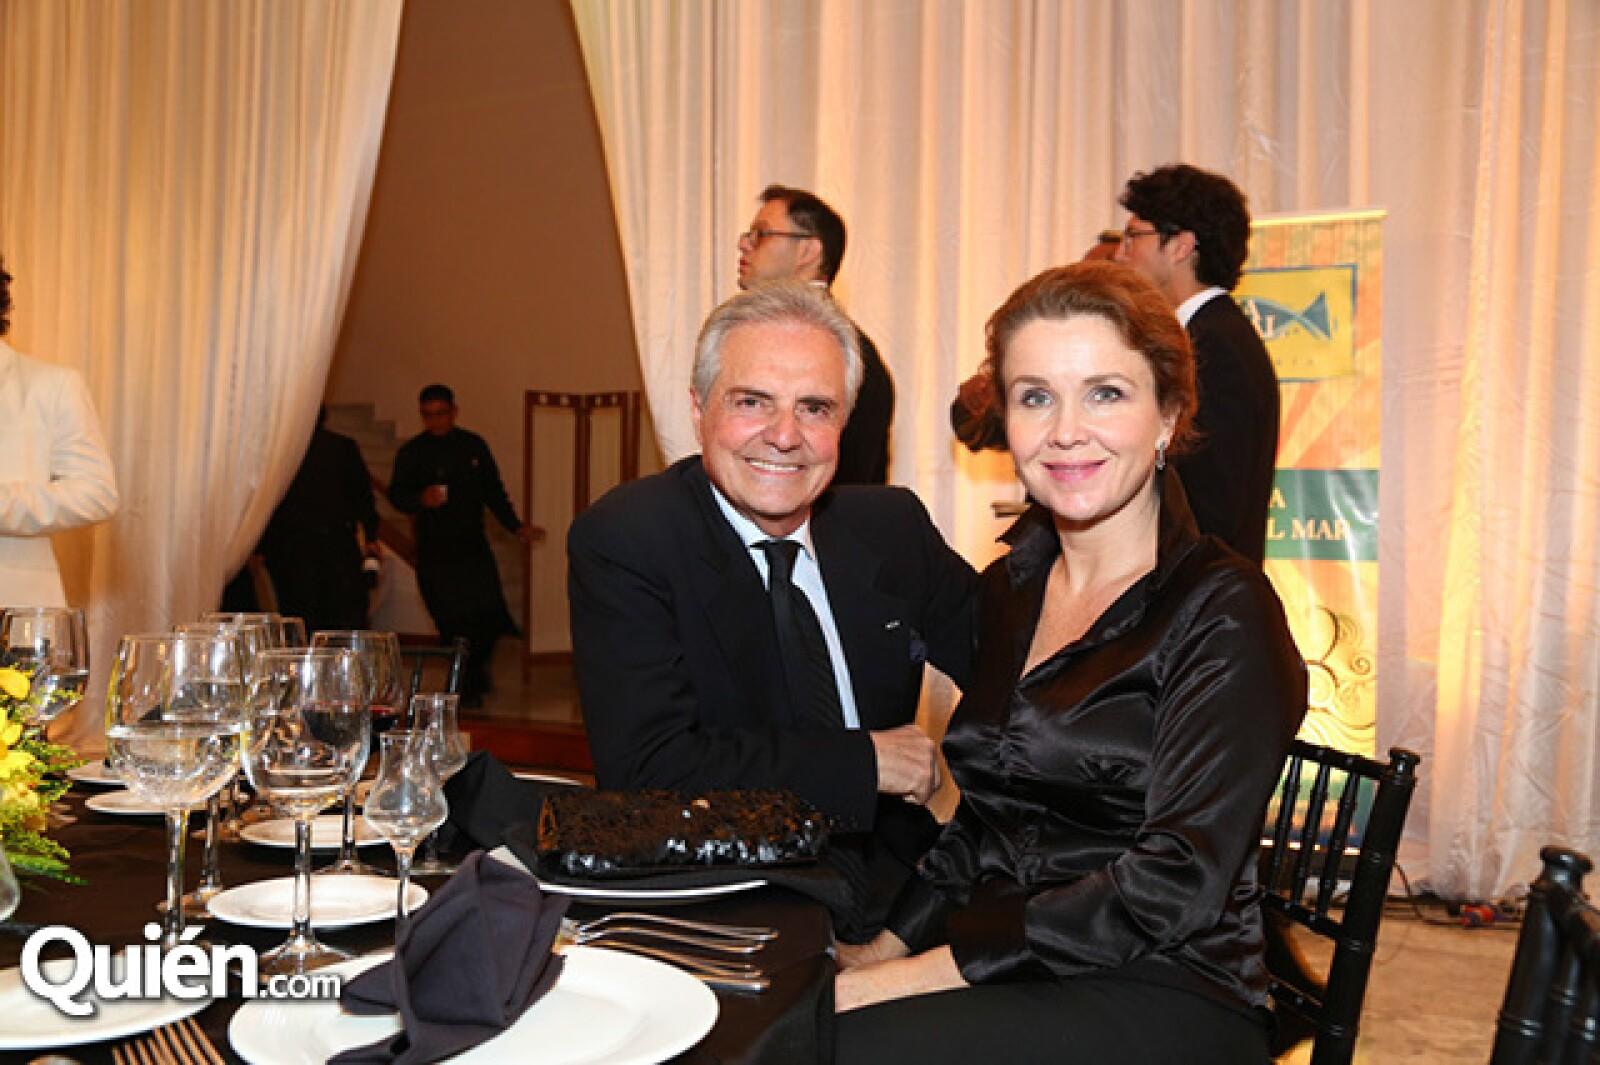 Marc y Renata Pariente